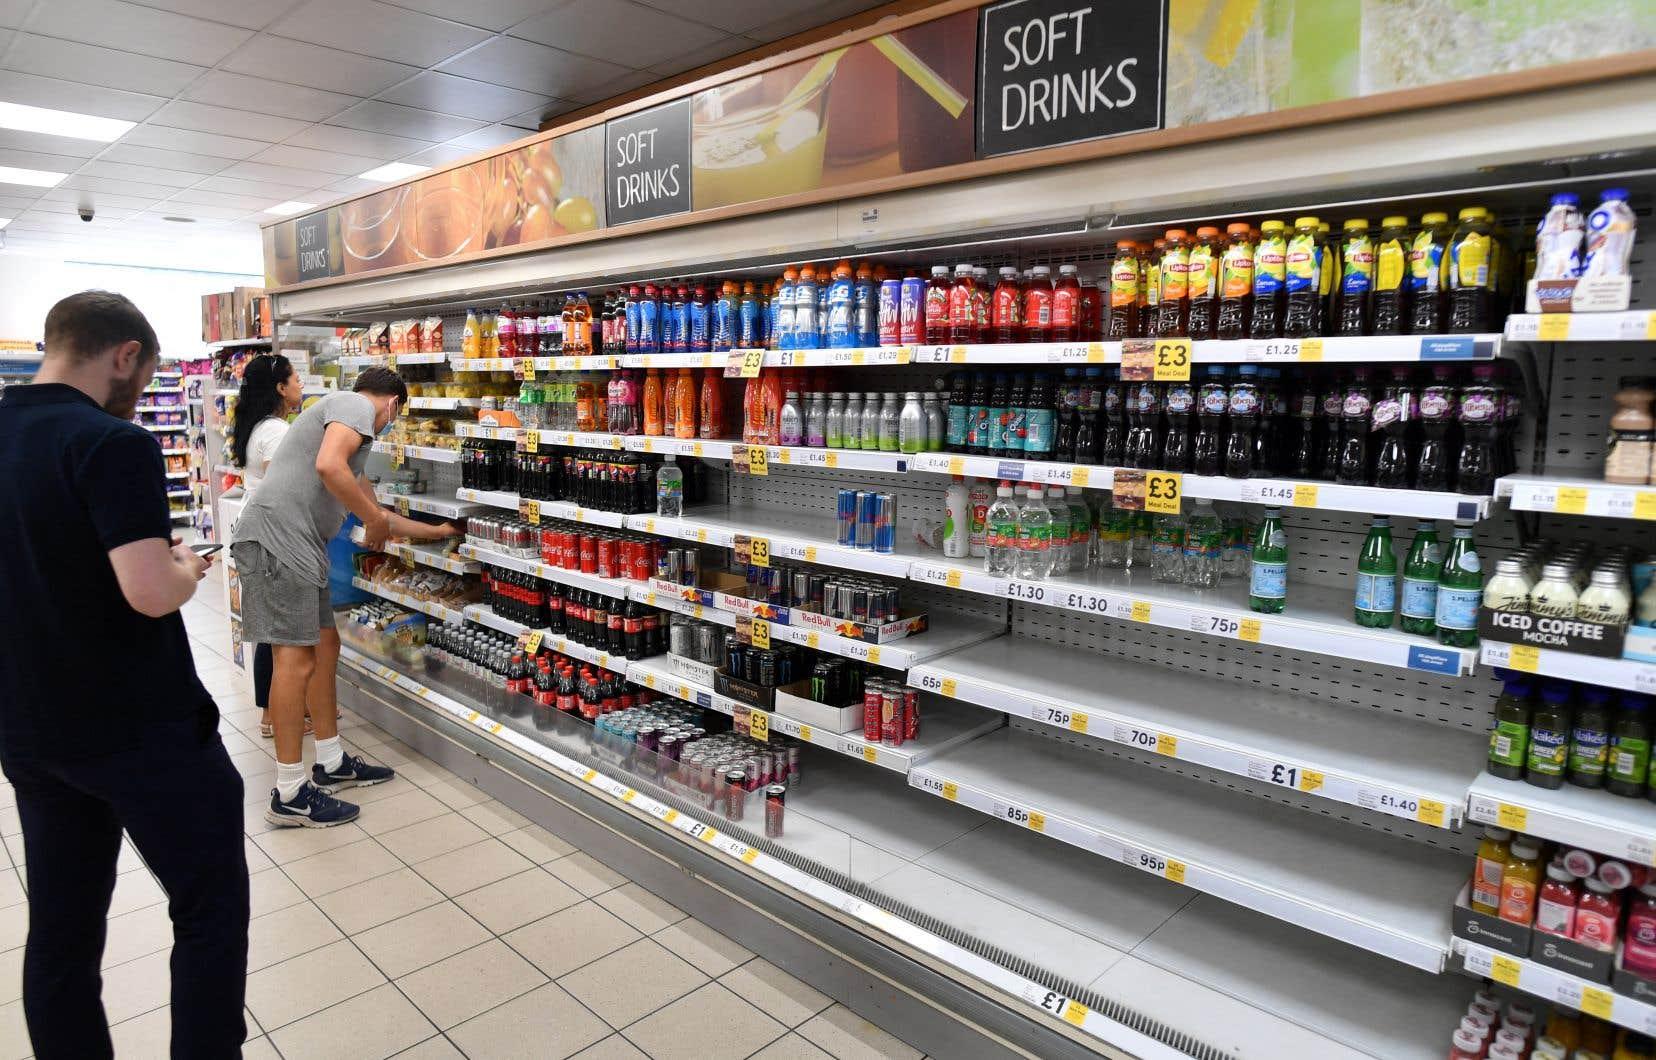 Rayons vides au supermarché, lignes de métro interrompus,le nombre de cas positifs grimpe en flèche depuis plusieurs semaines,handicapant l'économie, des transports à la distribution alimentaire.